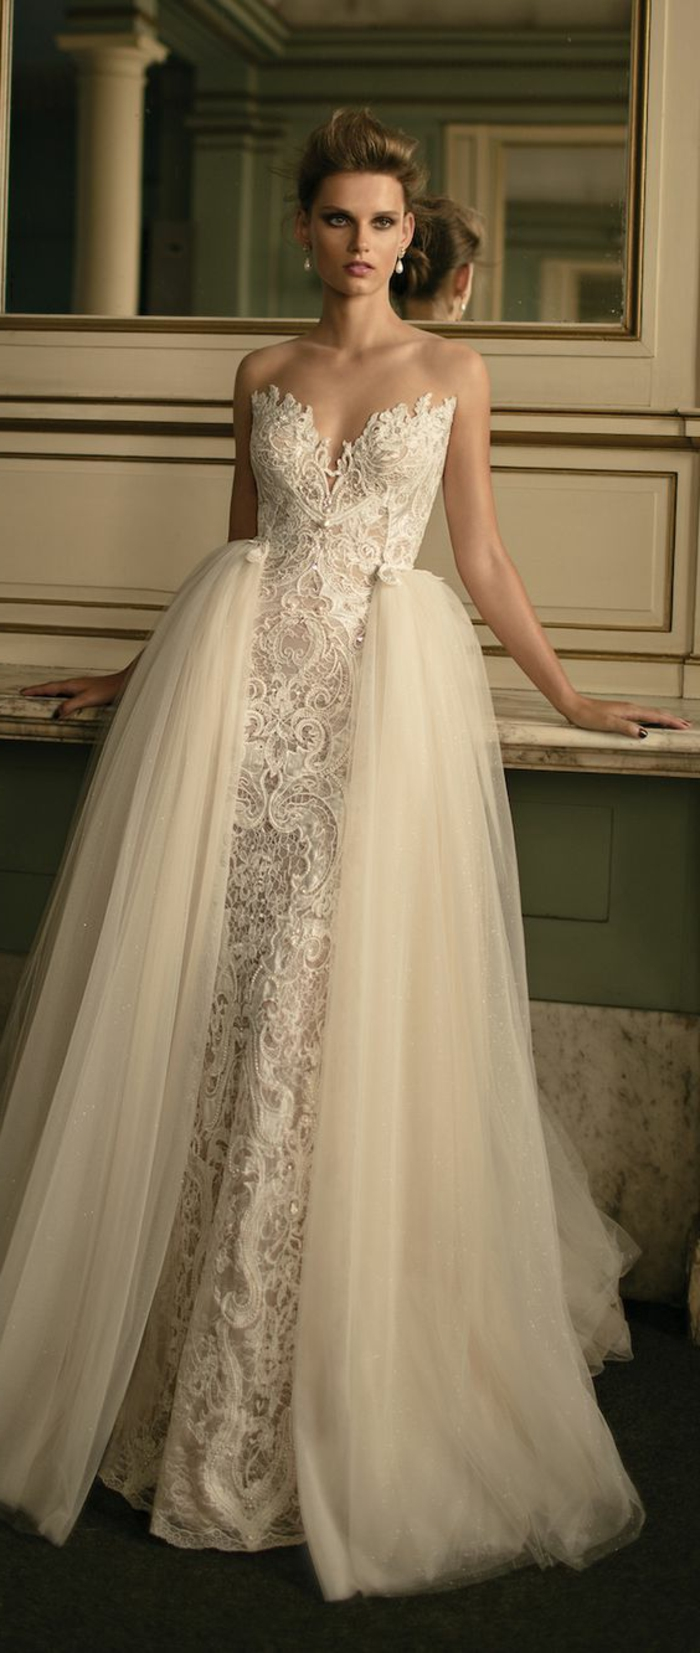 robe de mariée colorée, robe dentelle et tulle, coiffure chignon